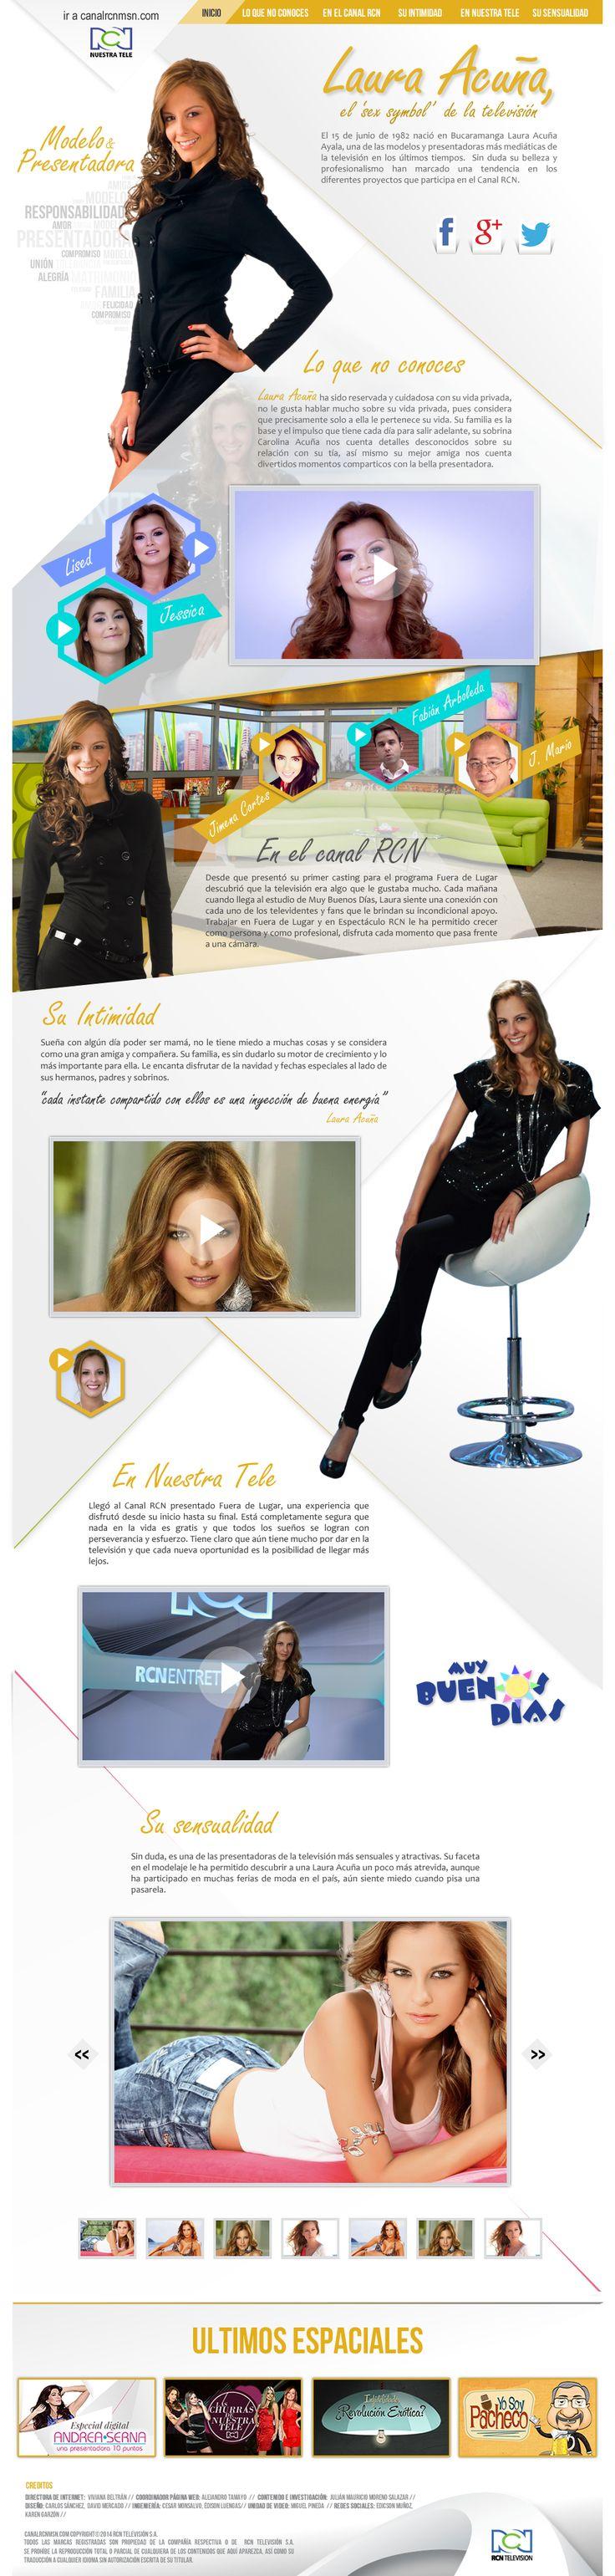 Especial Laura Acuna, presentadora del canal RCN Televisión